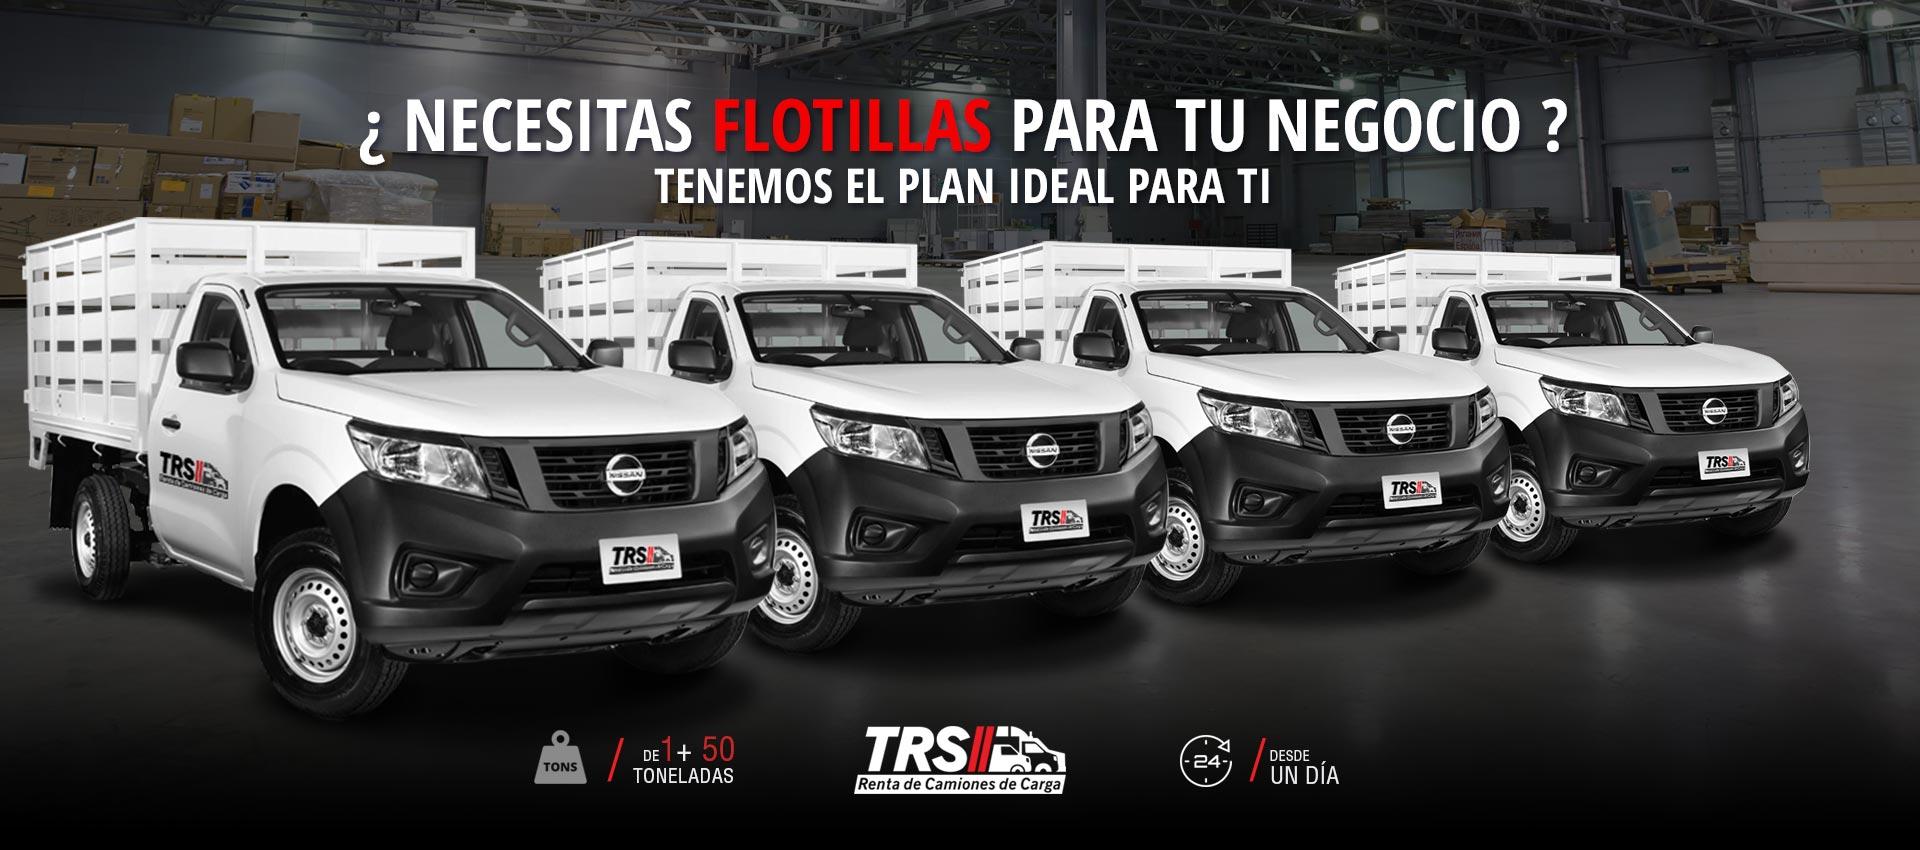 02-trs-slider-renta-flotillas-para-negocio